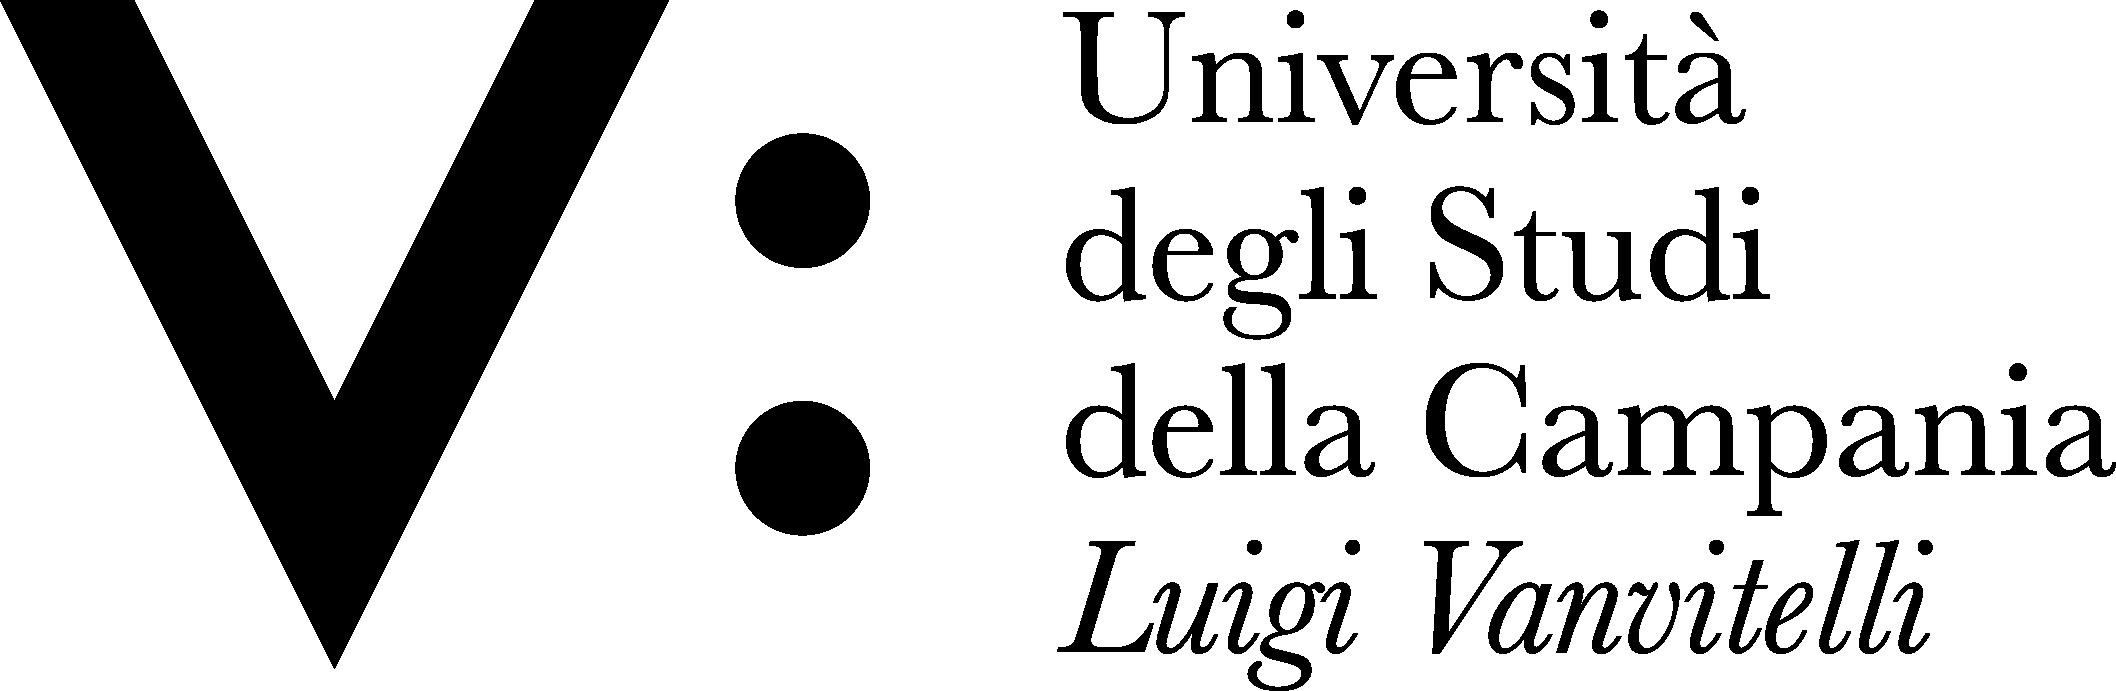 V_Università-Vanvitelli_Logo_pos